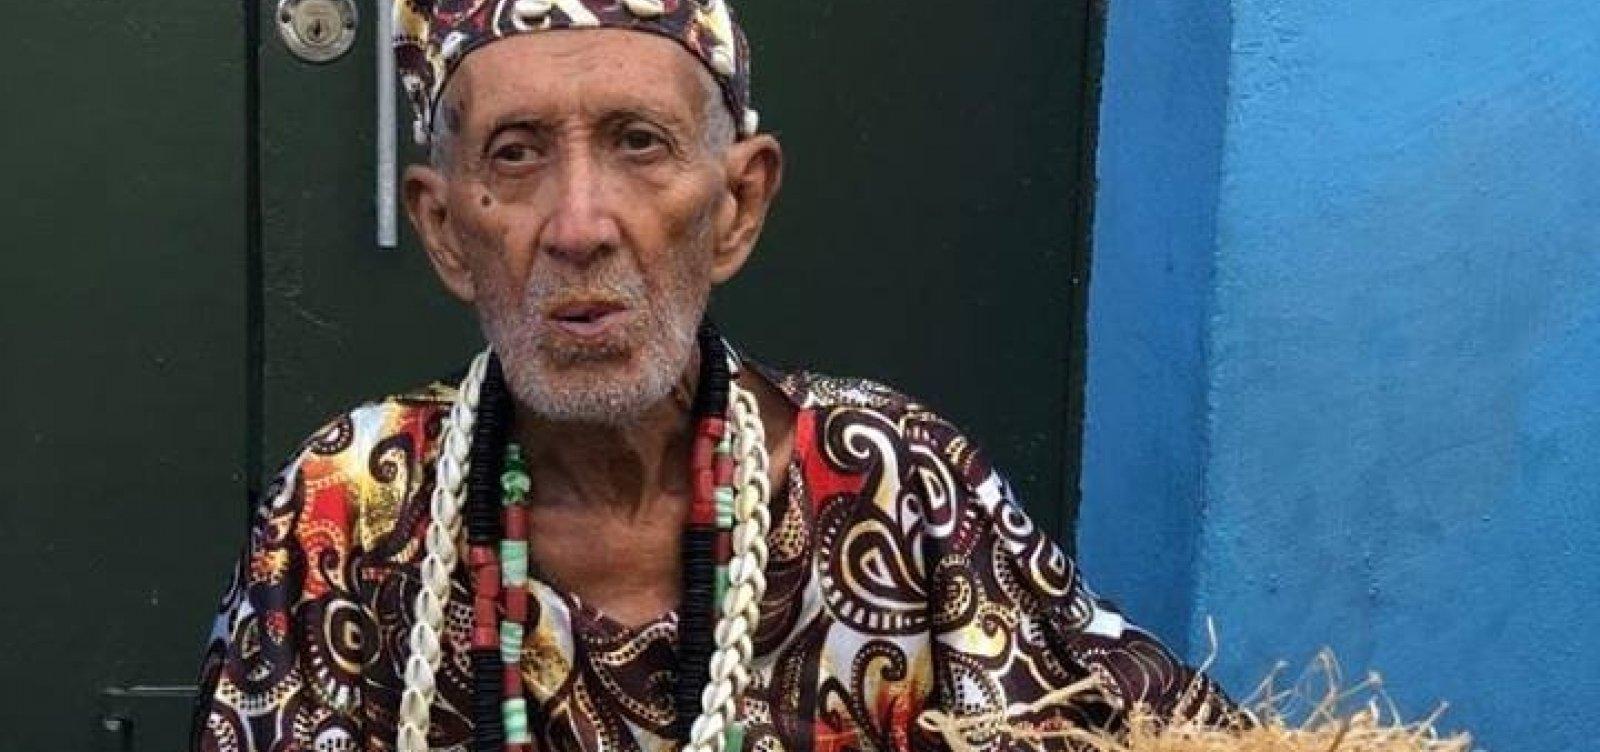 Morre Seu Martin, criador da Caminhada Azoany, aos 88 anos